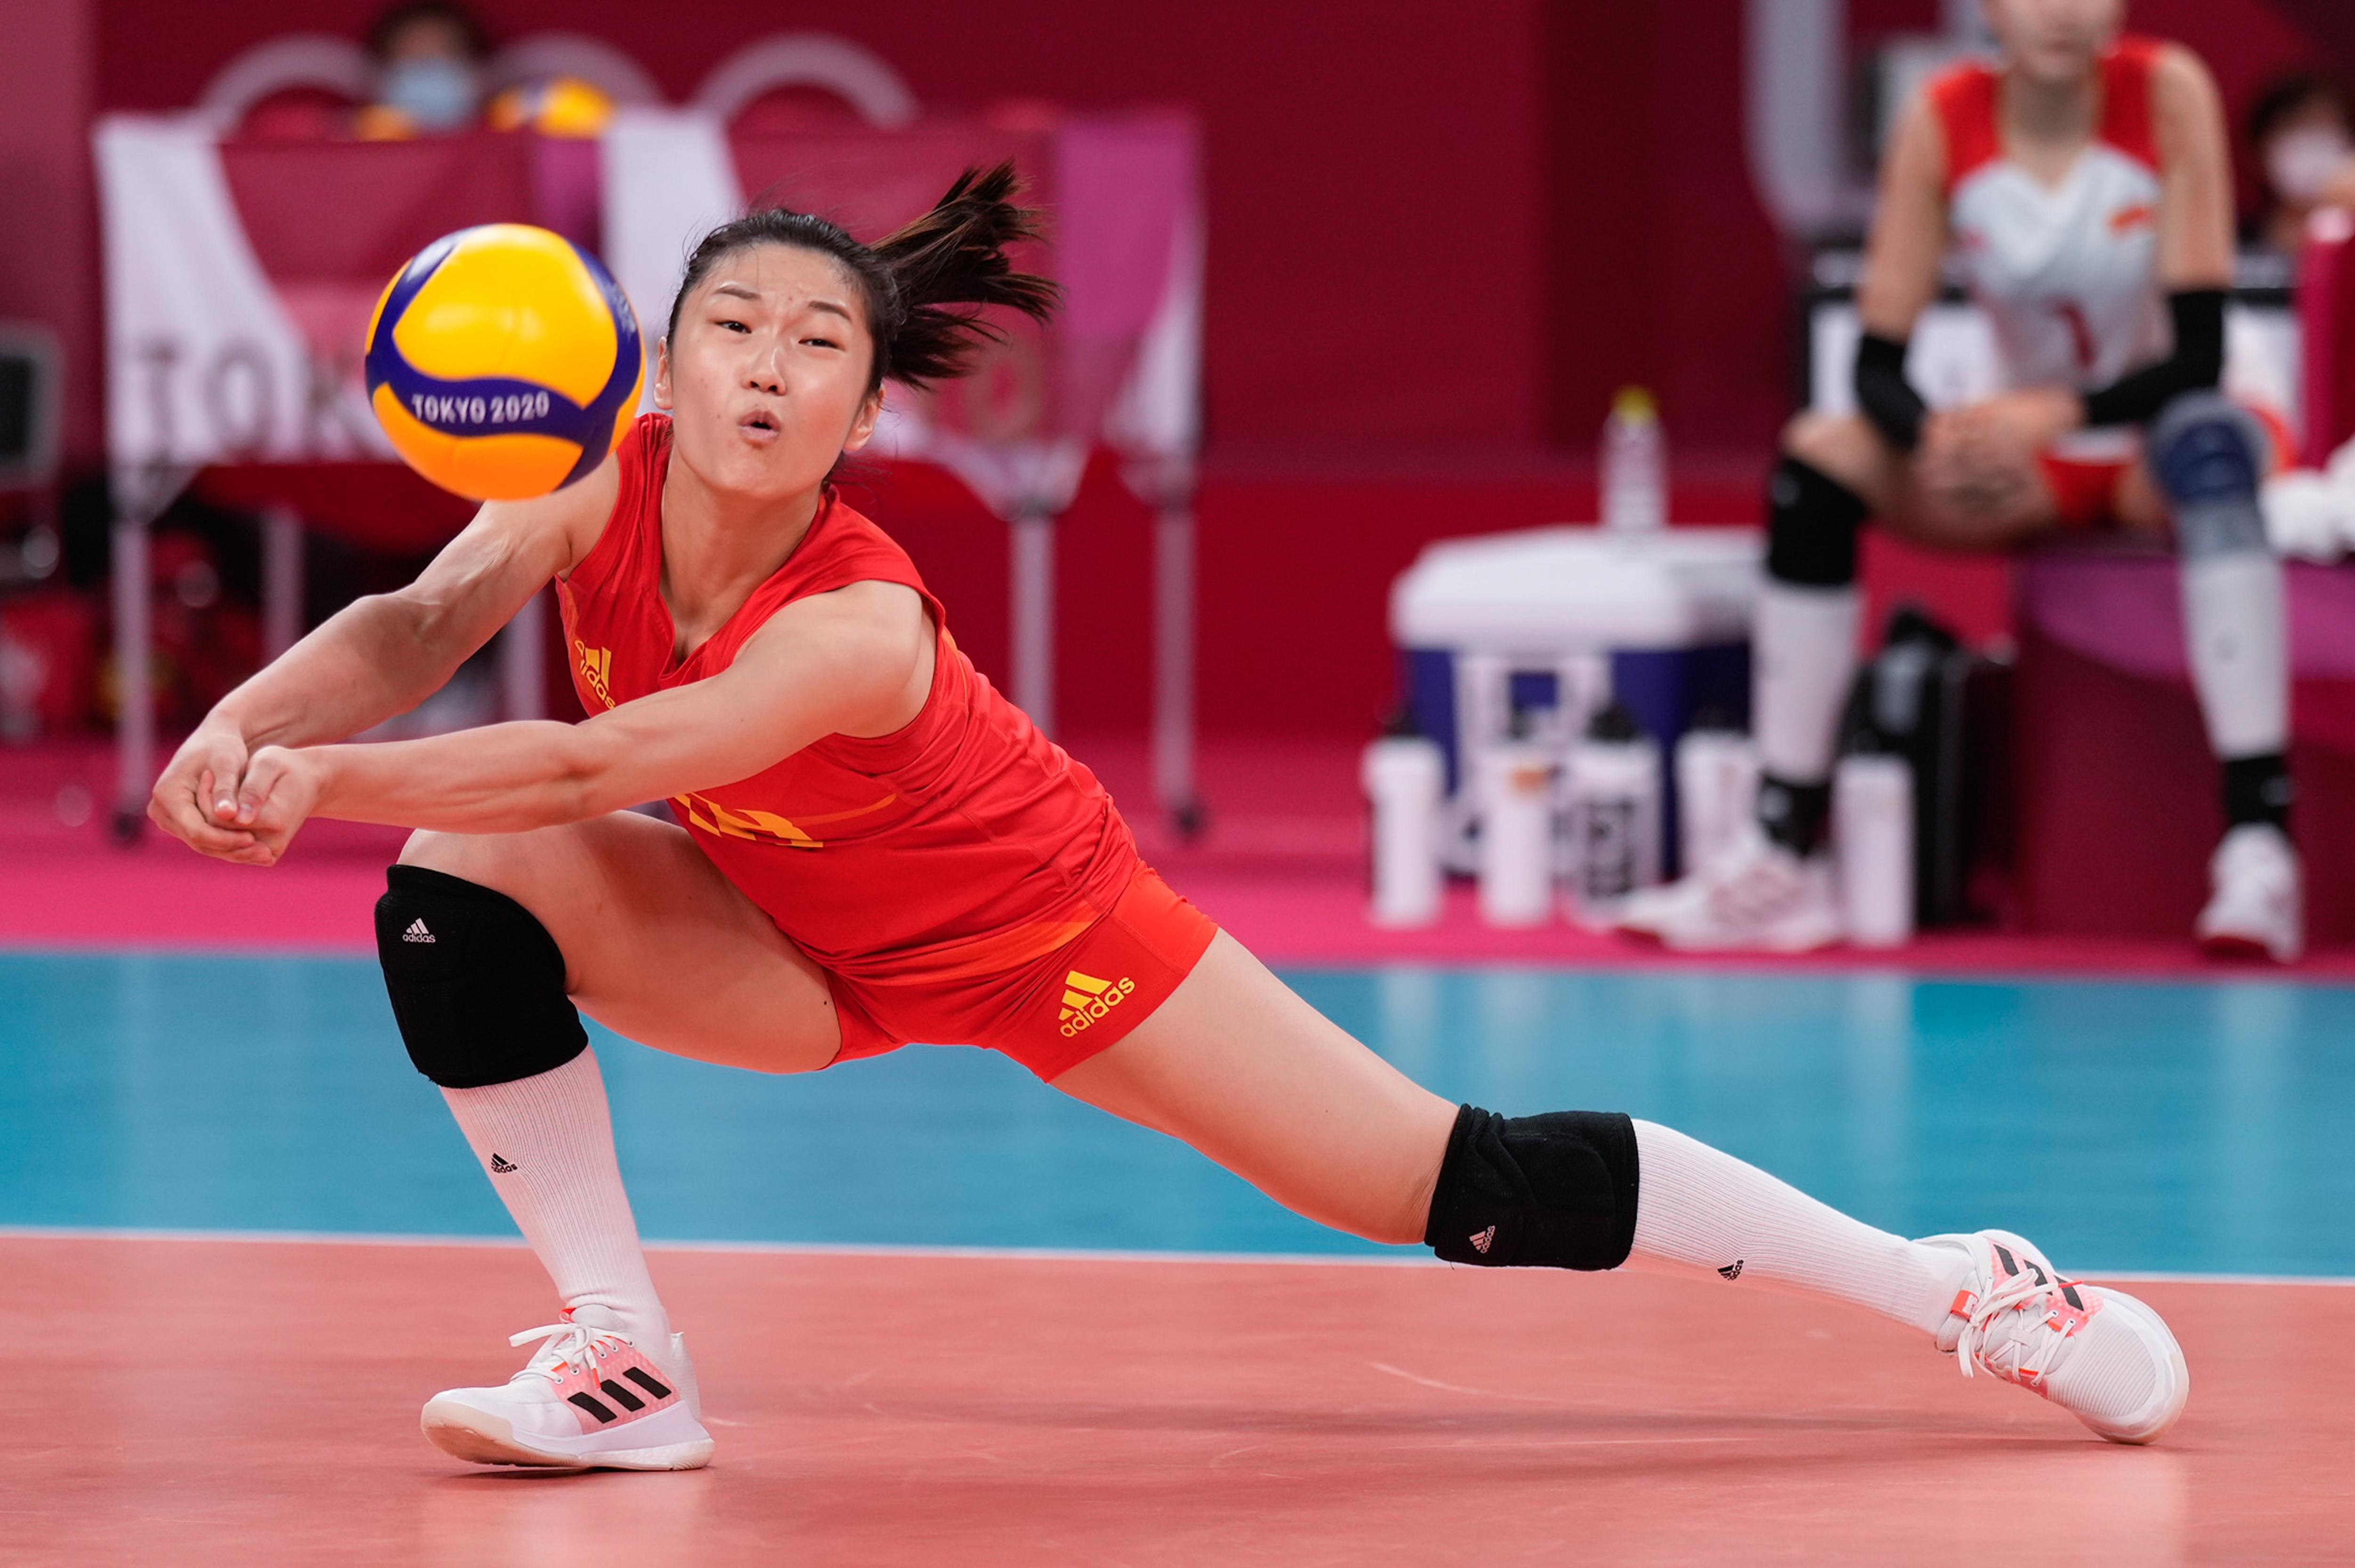 王梦洁在比赛中救球。